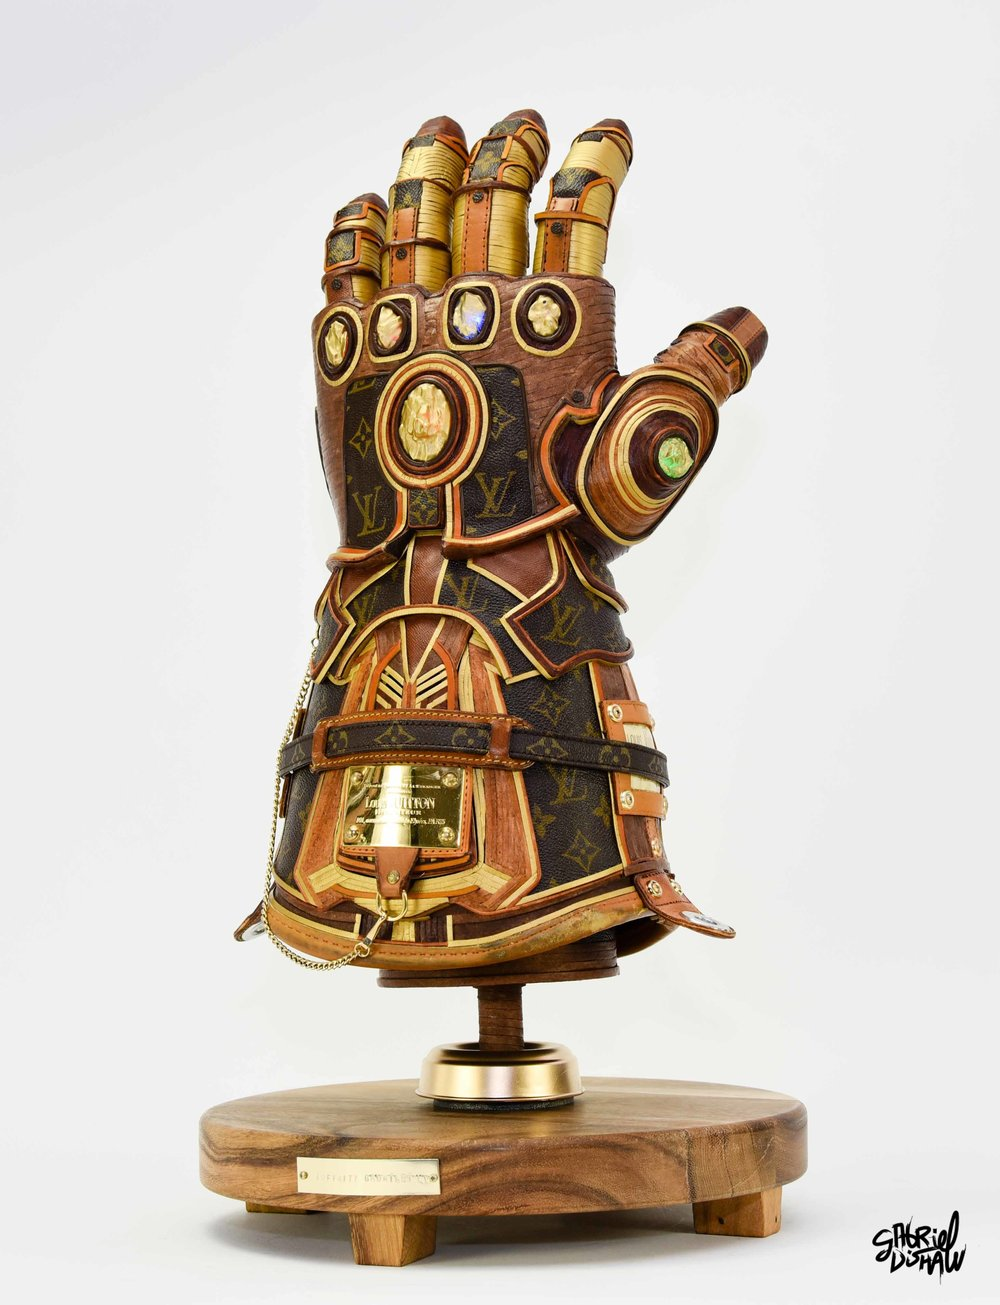 Gabriel Dishaw Infinity Gauntlet LV-9114.jpg